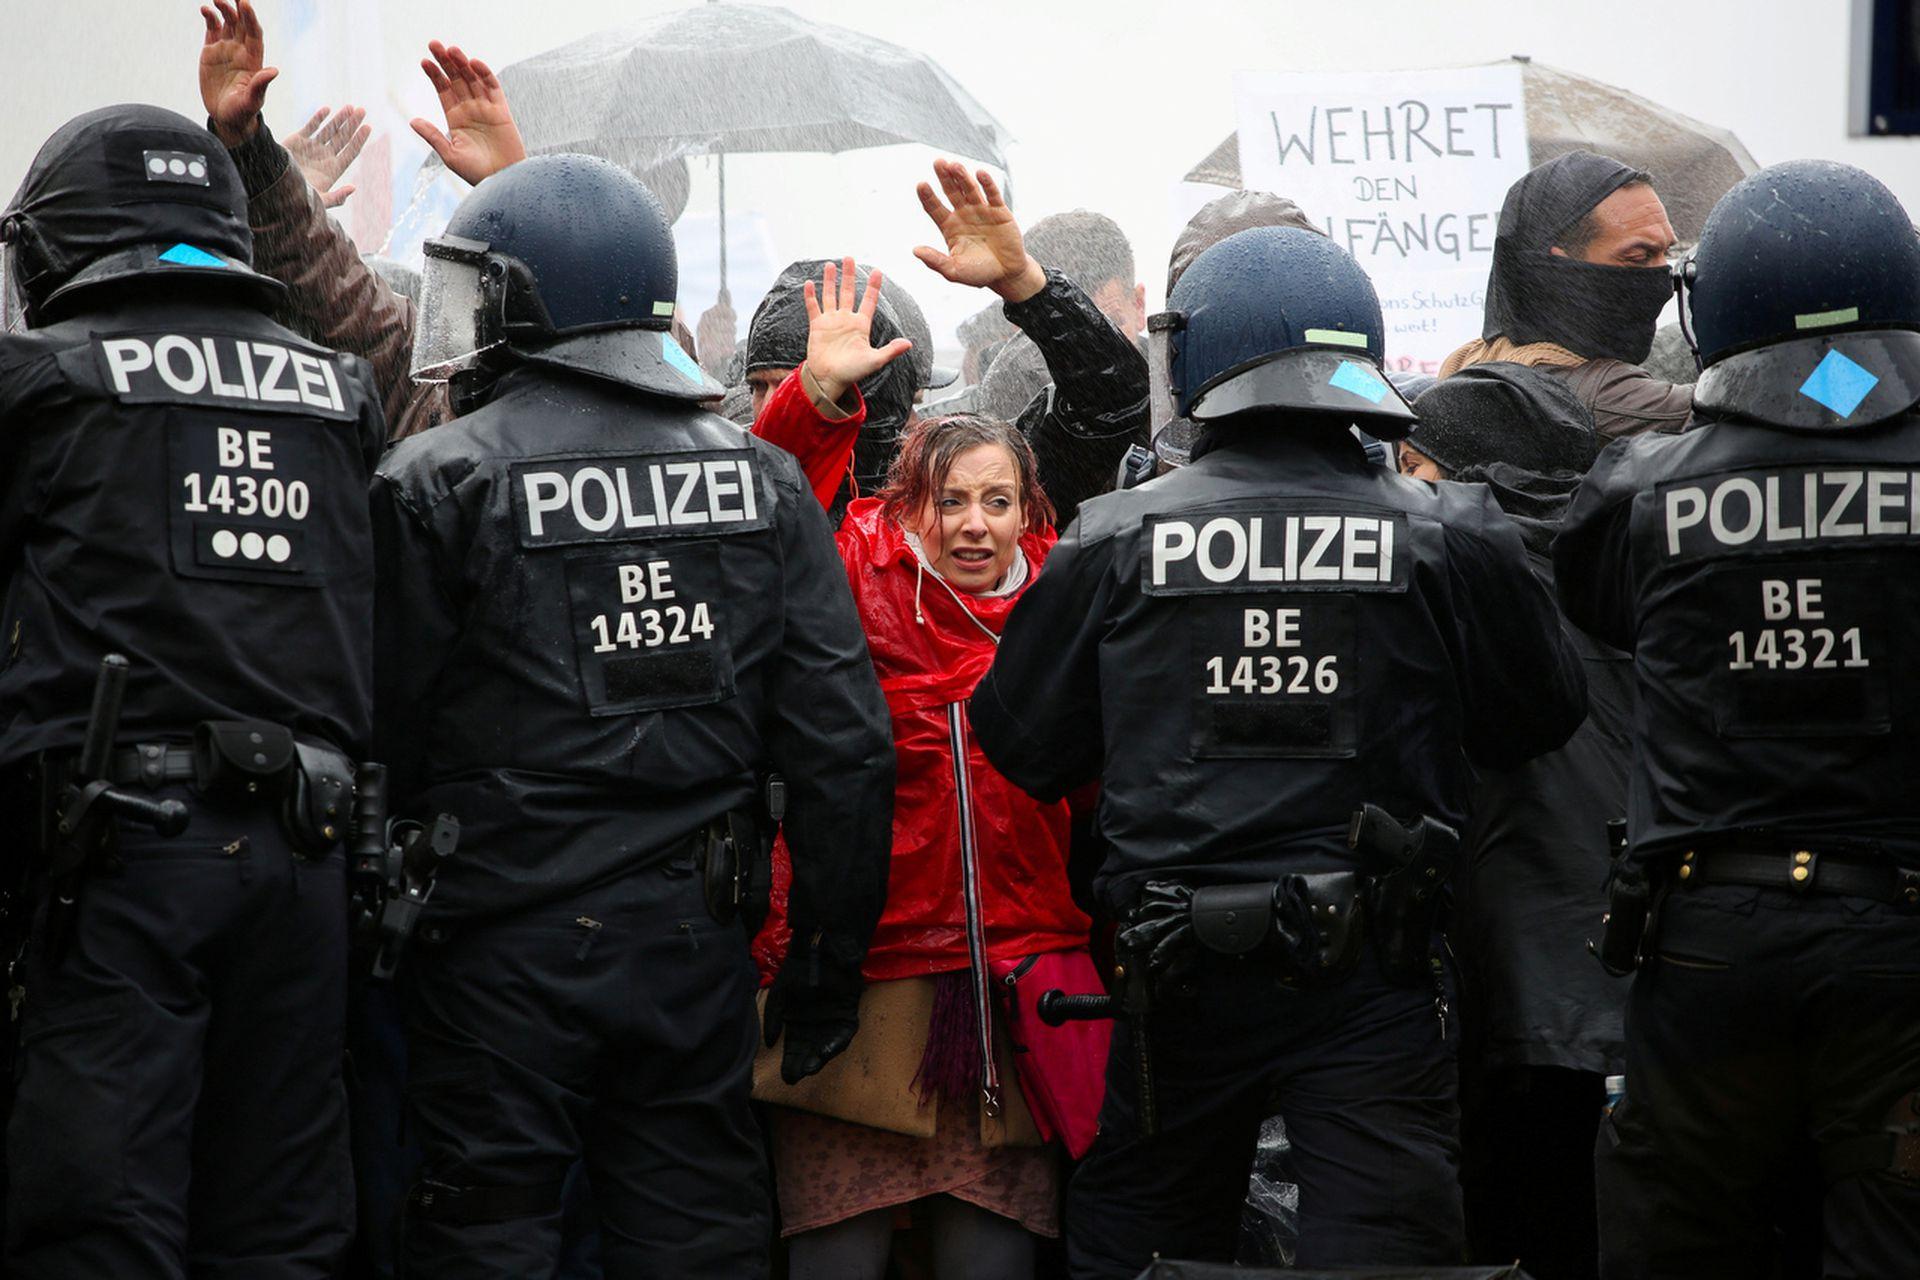 11月18日,德国柏林,示威者举高双手,以示不会冲击。(Christian Mang/路透社)